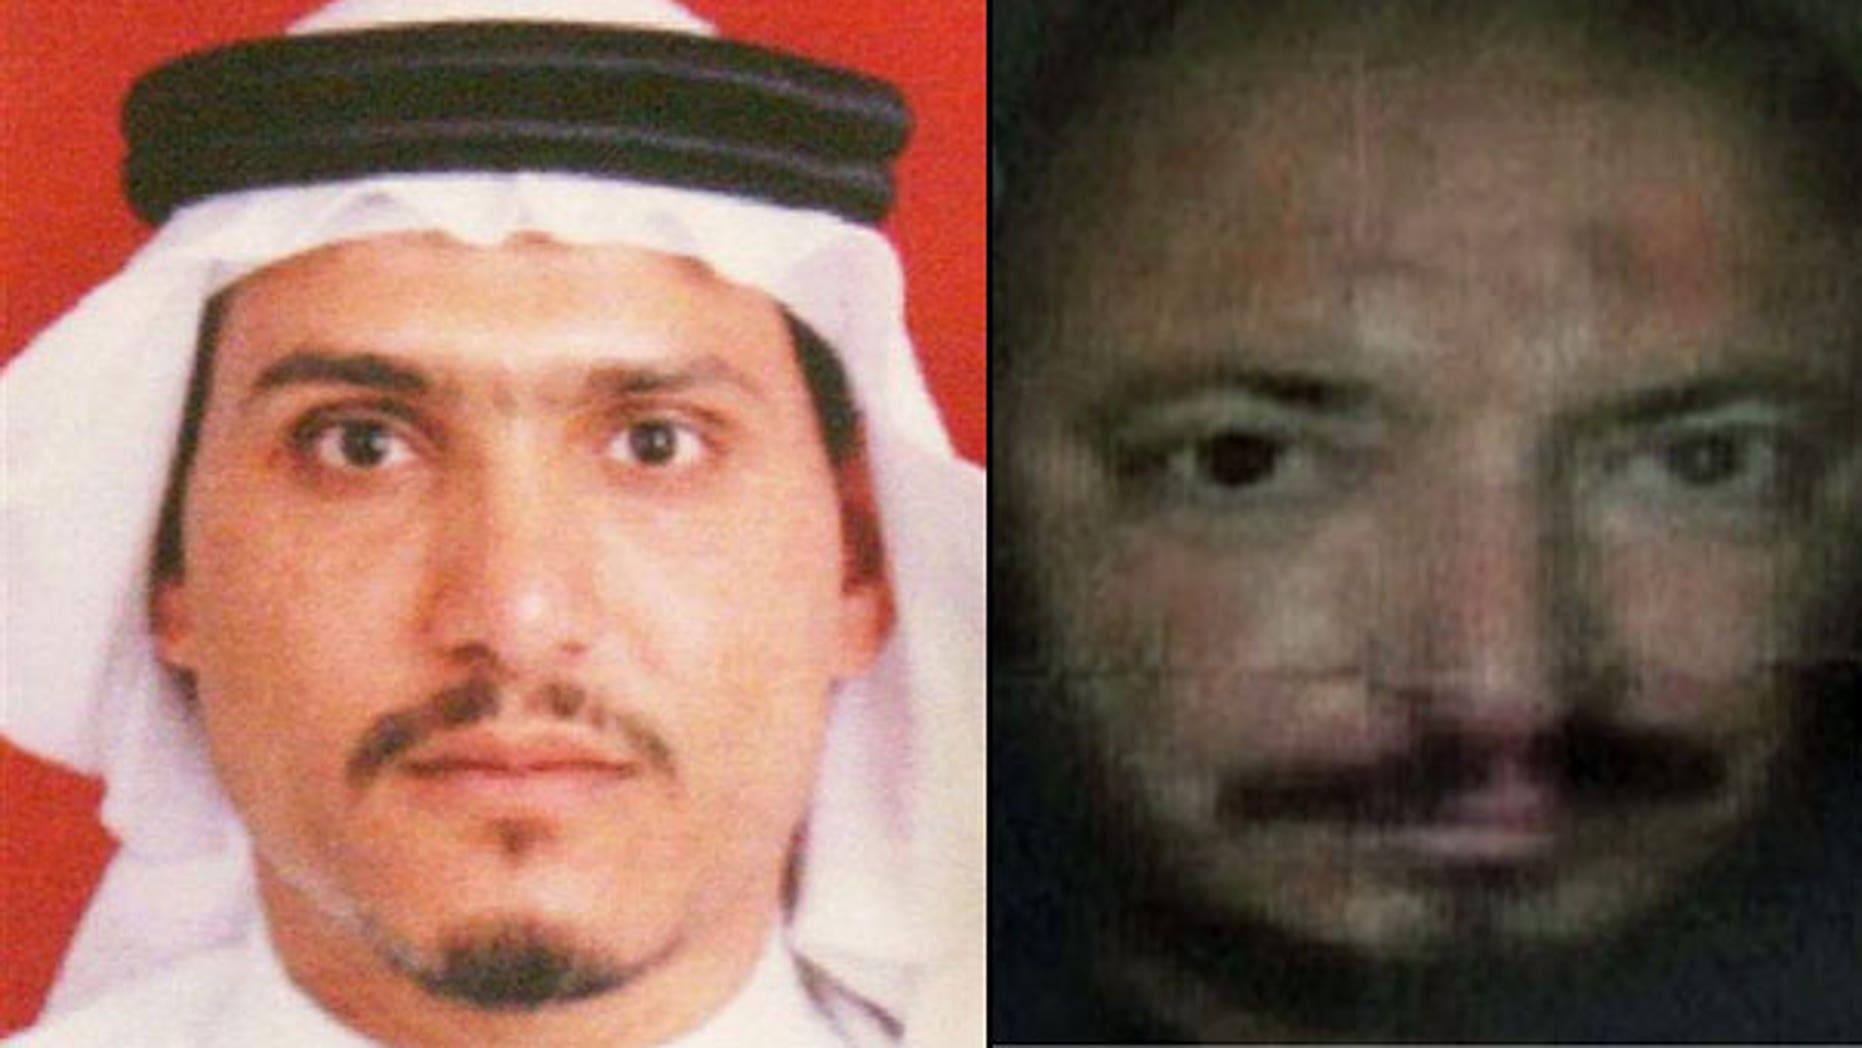 Al Qaeda in Iraq leaders Abu Ayyub al-Masri and Abu Omar al-Baghdadi